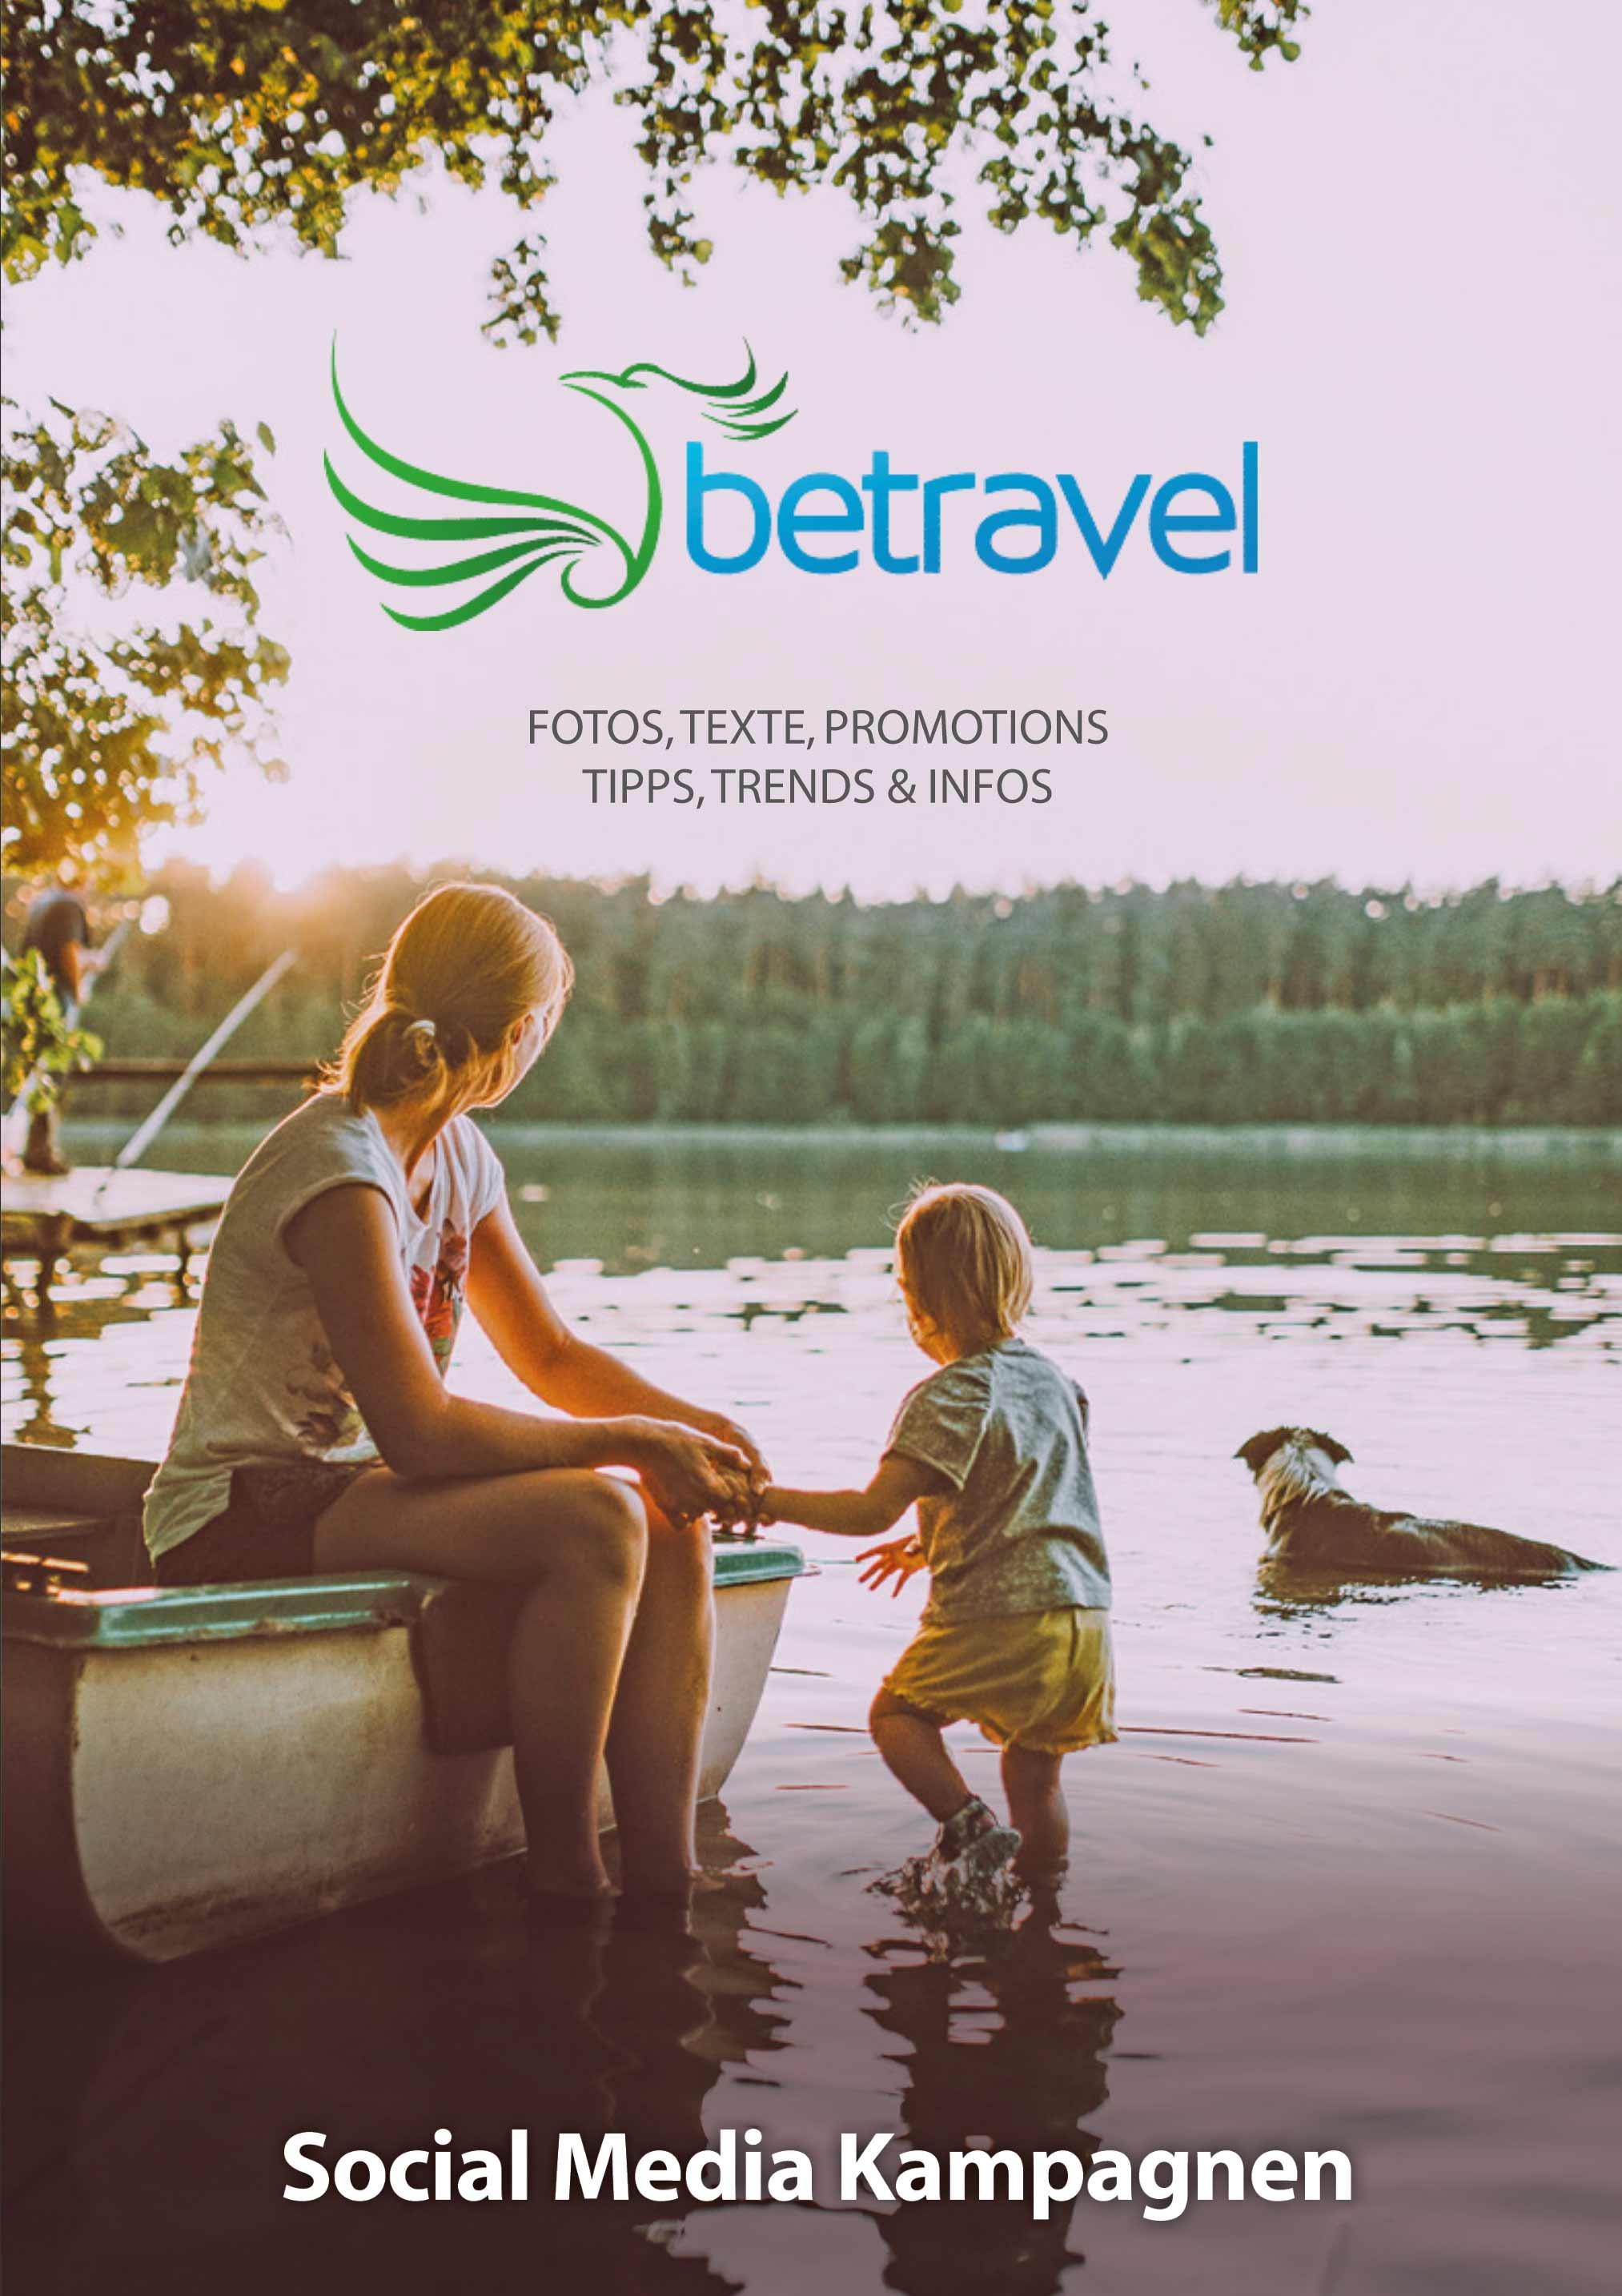 betravel Social Media Kampagnen